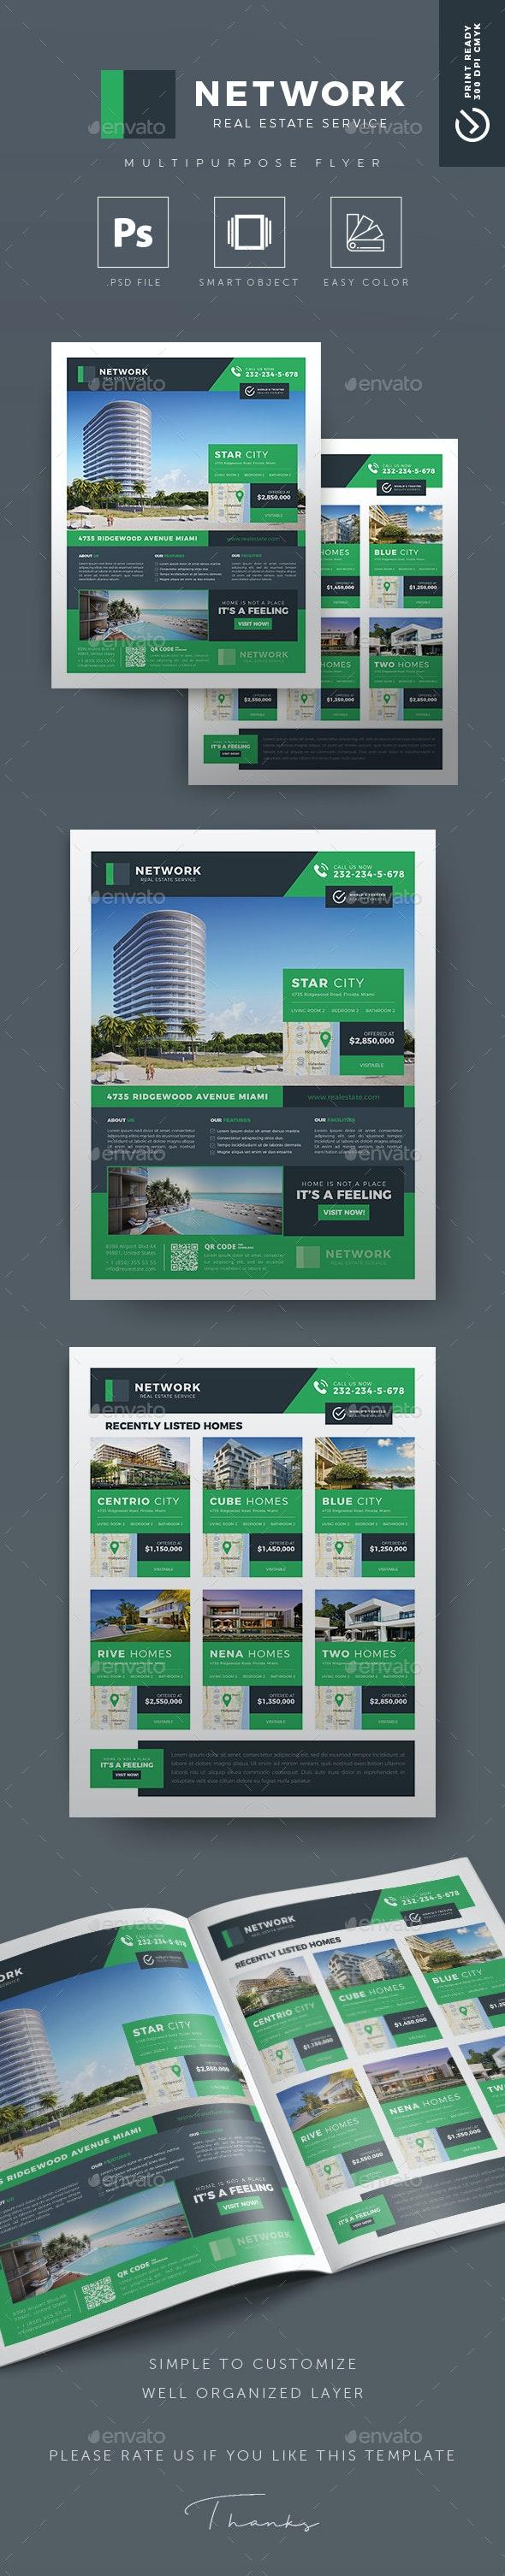 Network v.02 - Creative Real Estate Flyer - Commerce Flyers